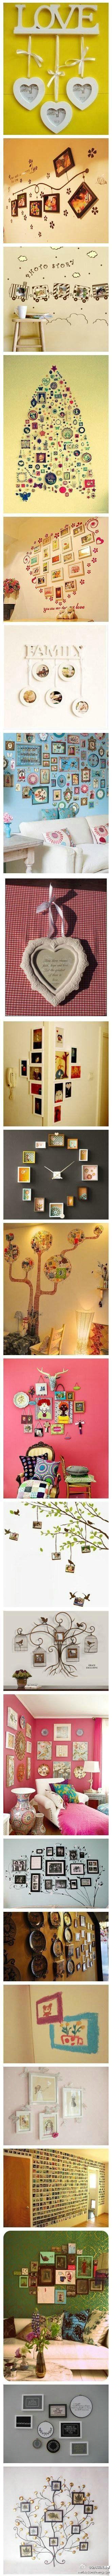 Ways to hang pictures on the wall. - Maneras de colgar fotos en la pared.